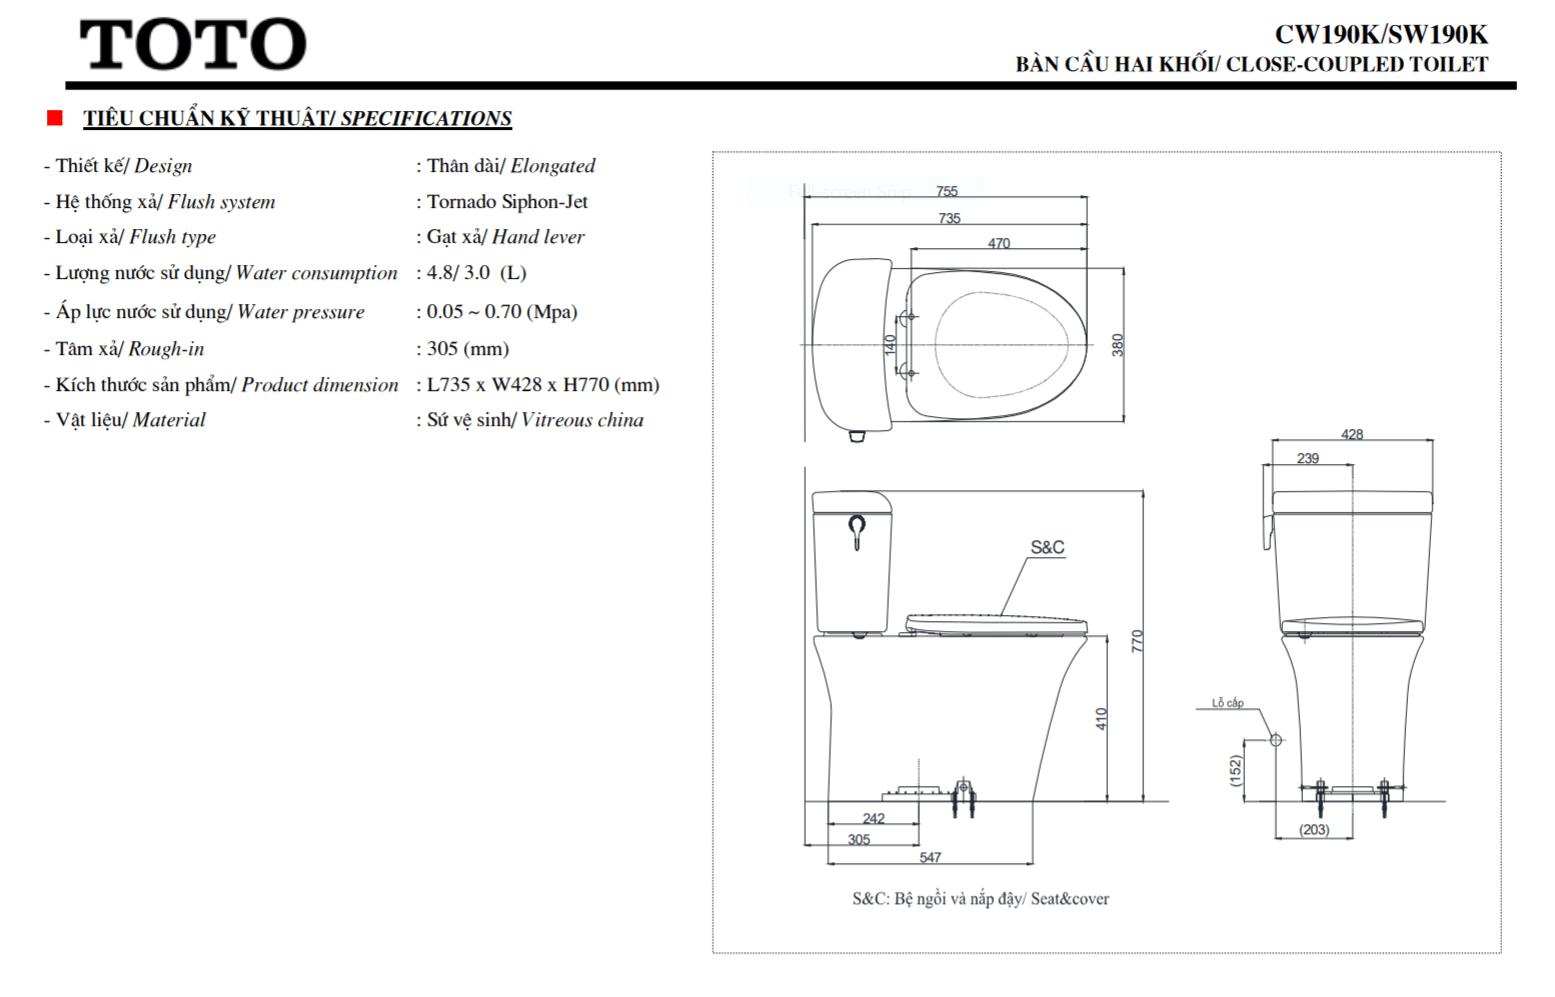 thông số kĩ thuật bồn cầu 2 khối toto CW190K/SW190K